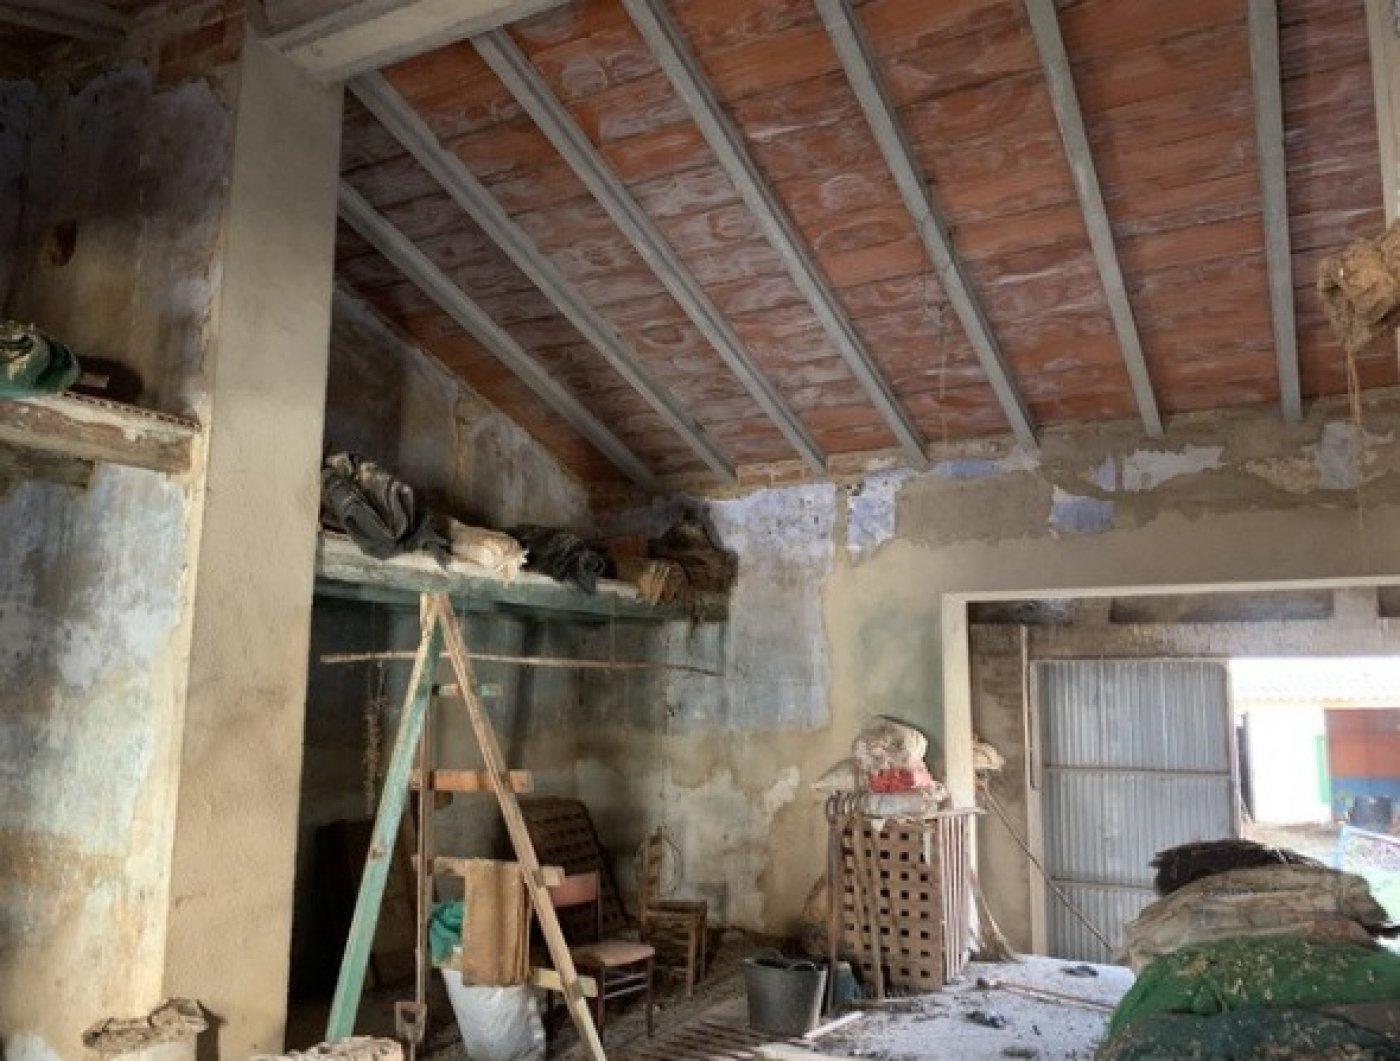 Casa almacén solar a rehabilitar en vendrell centro - imagenInmueble7